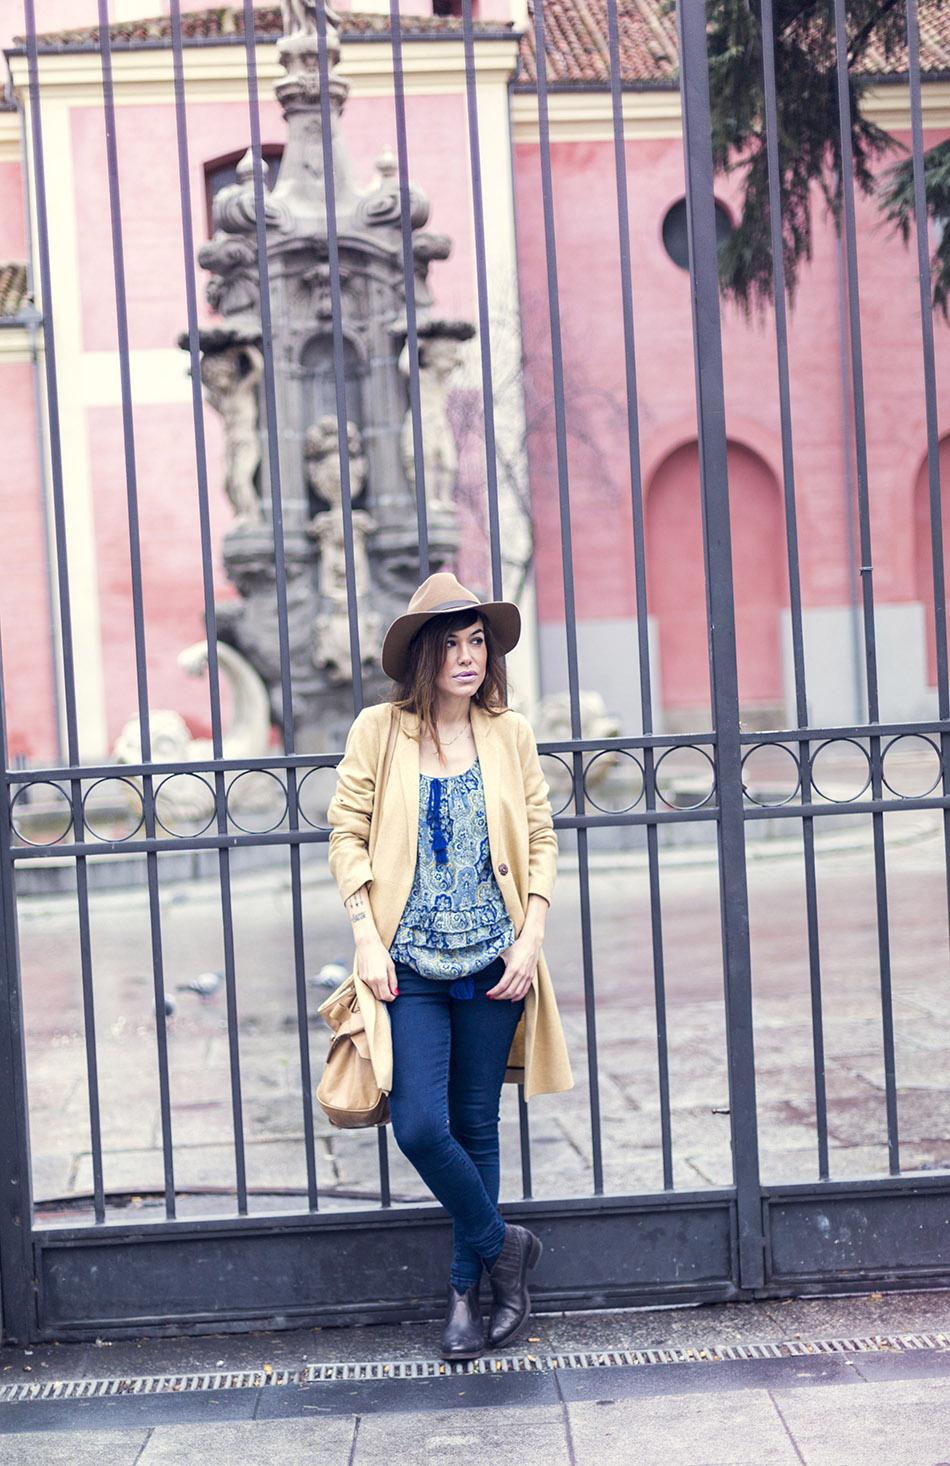 look de street style con levita en color mostaza de Hakei, blusa estilo boho con estampado paisley de  Ralph Lauren, bolso Miu Miu, sombrero y botines arson. bárbara crespo